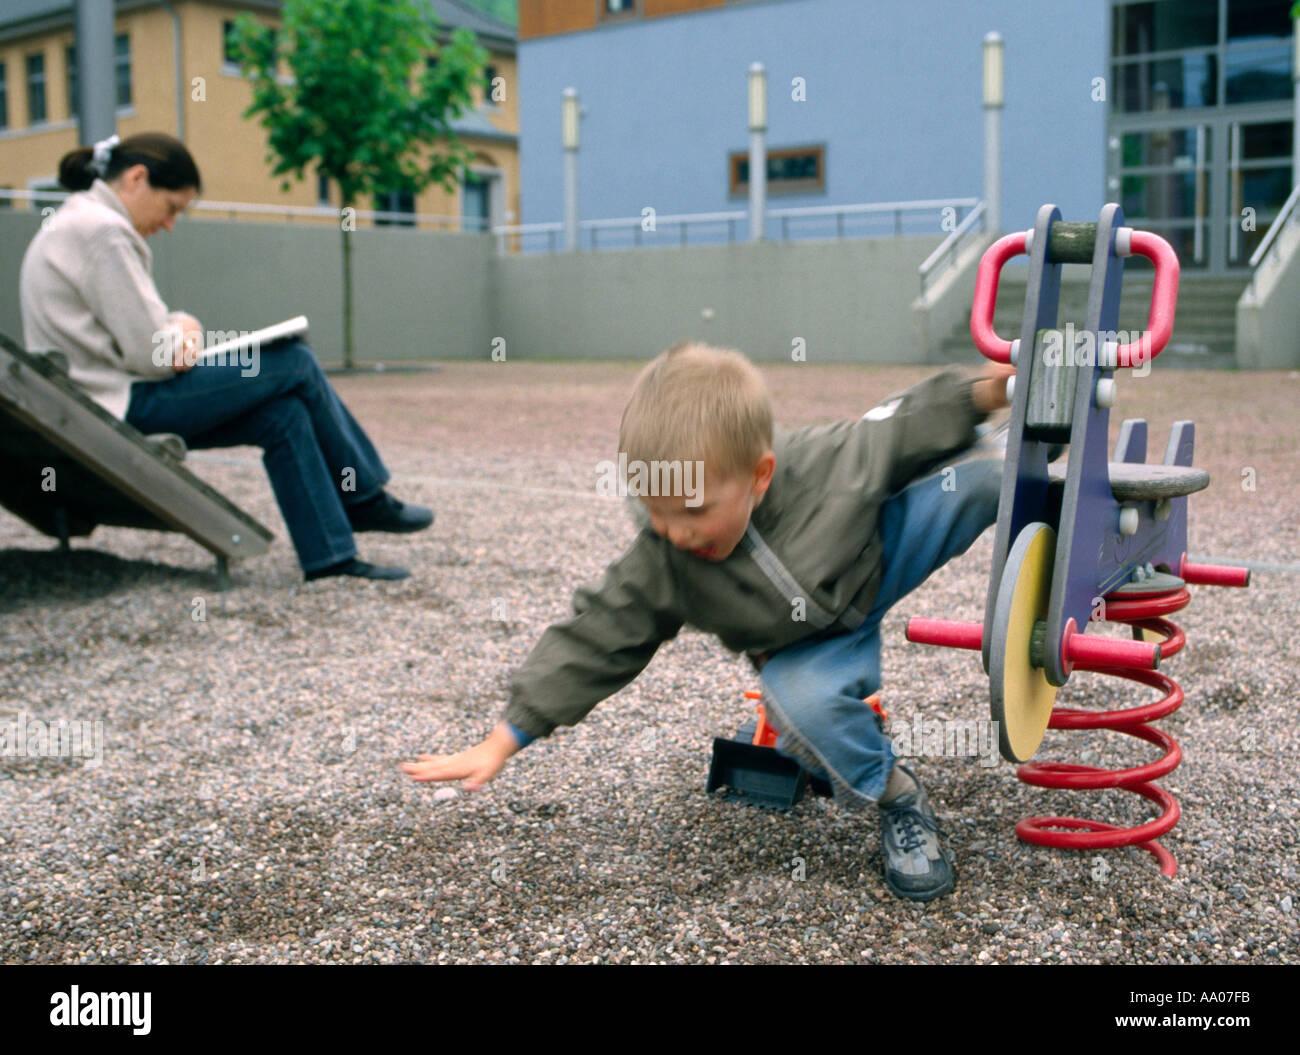 Klettergerüst Unfall : Unfall auf dem spielplatz stockfoto bild alamy